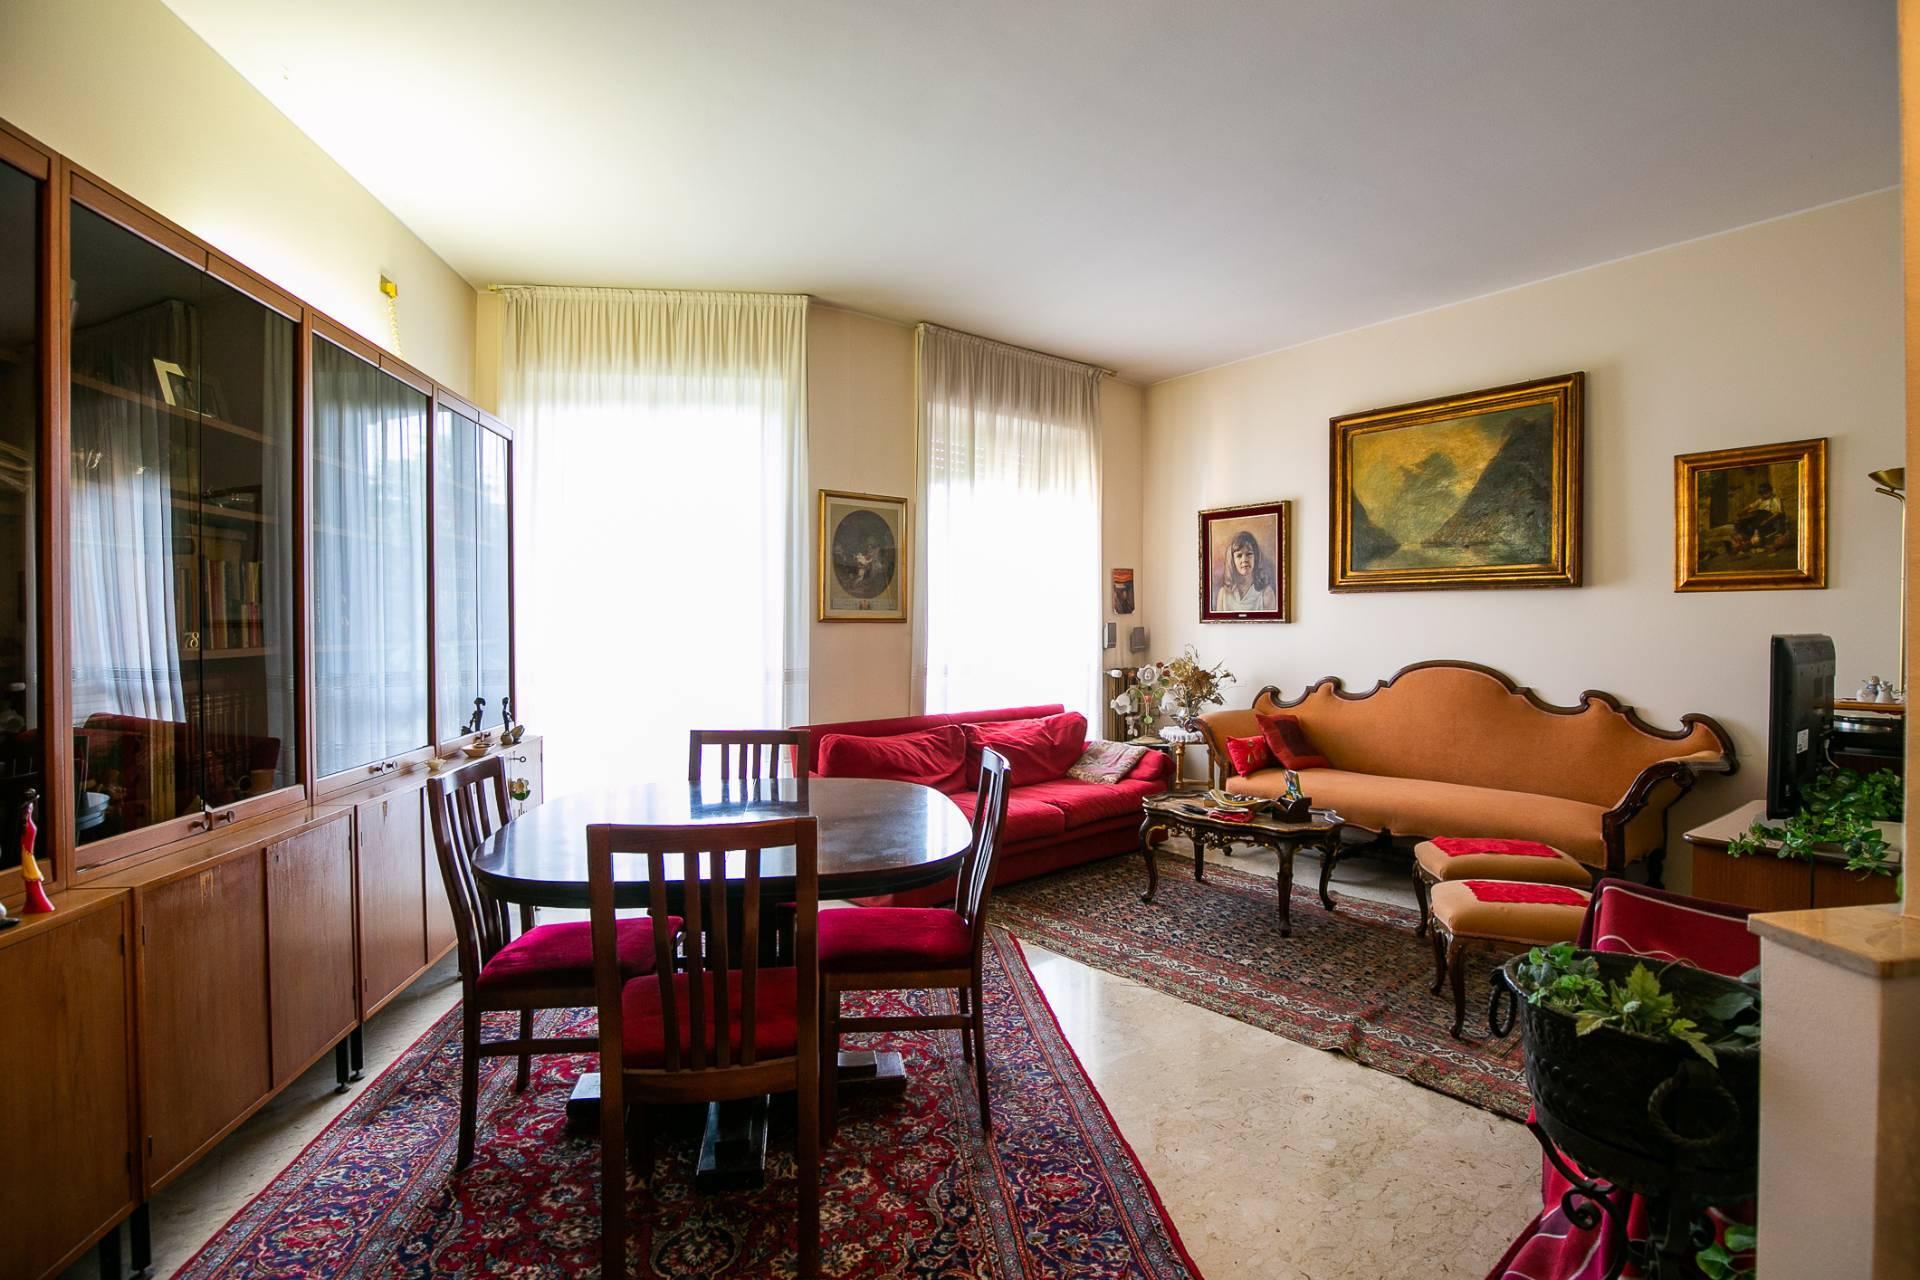 Appartamento in vendita a Saronno, 3 locali, zona Zona: Prealpi, prezzo € 165.000 | CambioCasa.it